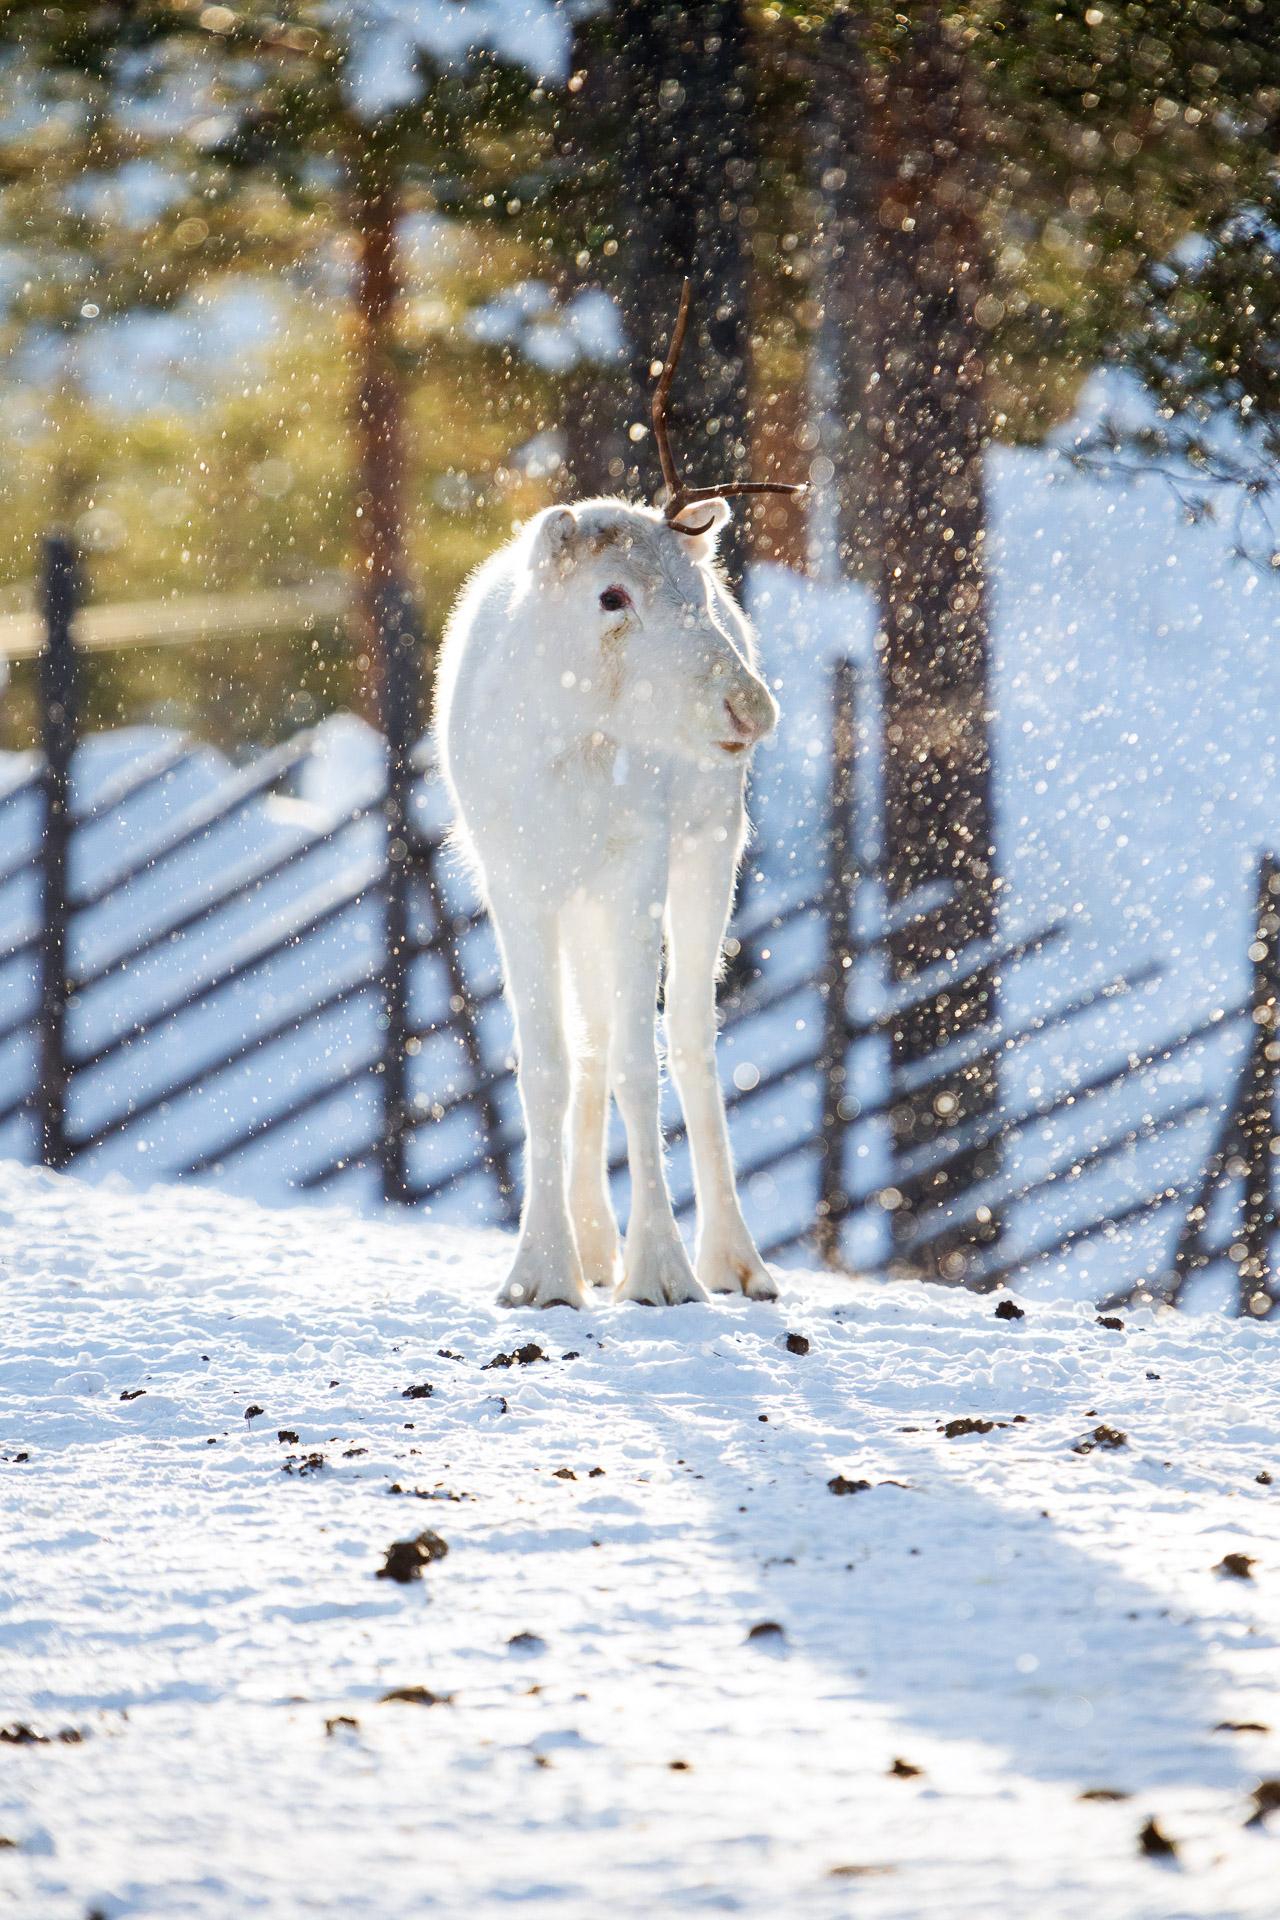 Ein Rentier erstrahlt. Schneefall und Gegenlicht machen es möglich.